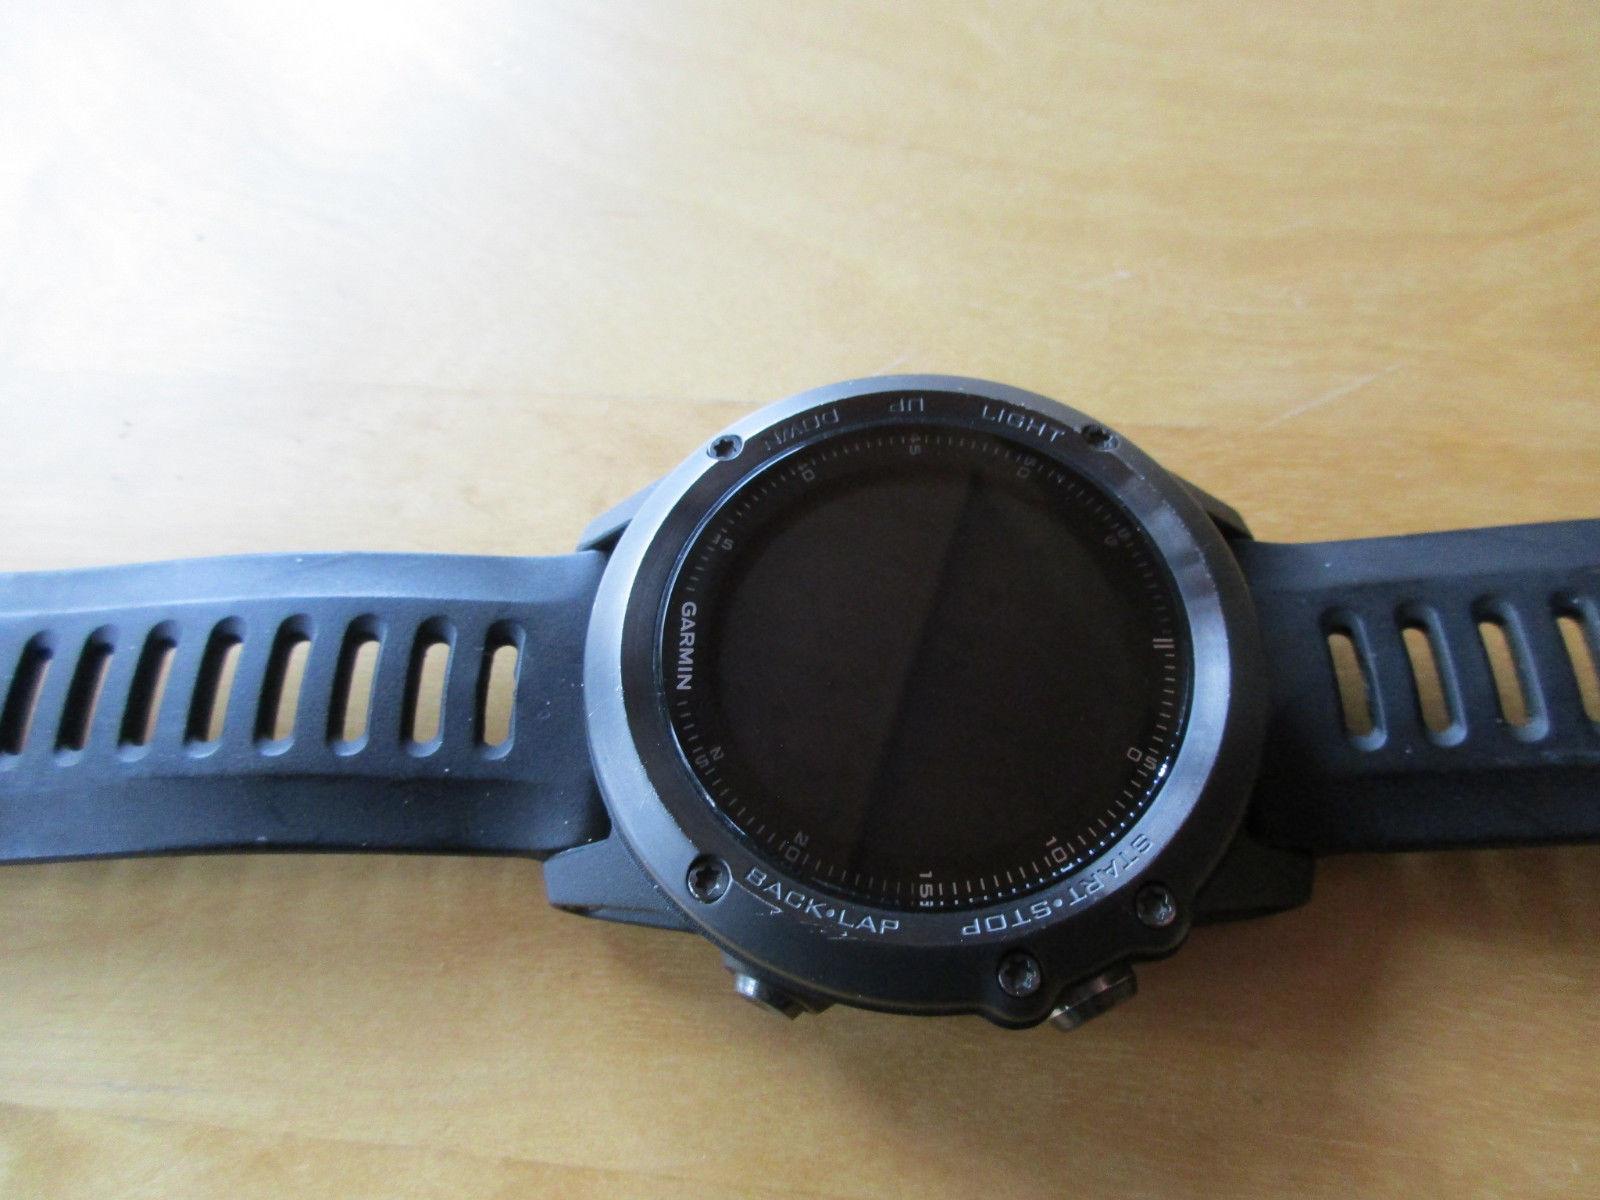 GARMIN fenix 3 HR GPS Sapphire Edition Saphir mit Pulsmessung am Handgelenk